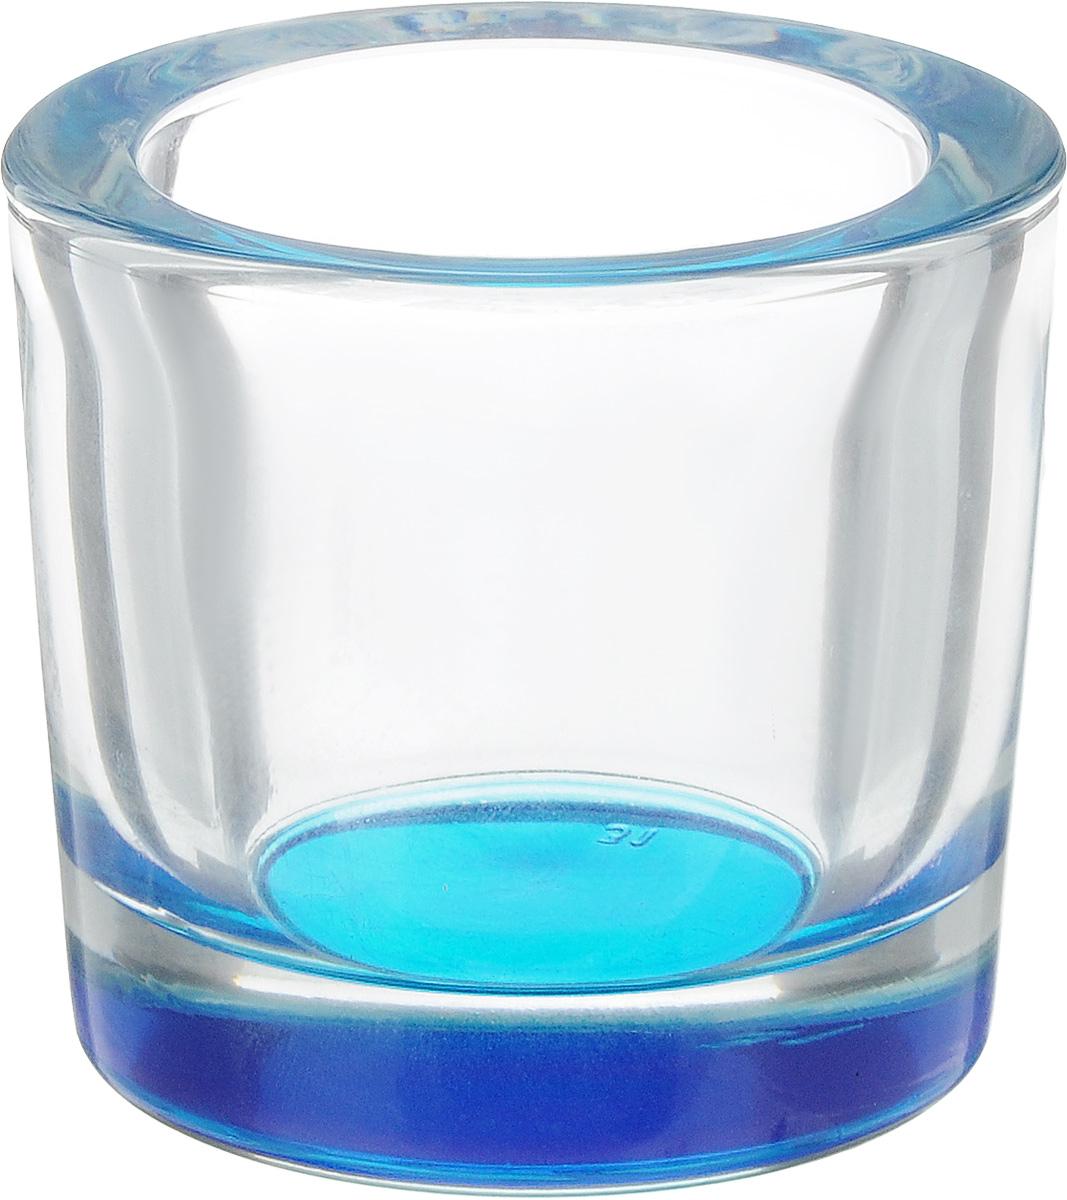 Подсвечник OSZ Klar, цвет: голубой, прозрачный04с1185 ЛГПодсвечник OSZ Klar представляет собой стеклянную емкость для чайной свечи. Такой подсвечник элегантно оформит интерьер вашего дома. Мерцание свечи создаст атмосферу романтики и уюта. Диаметр емкости (по верхнему краю): 6 см. Высота емкости: 5,7 см.